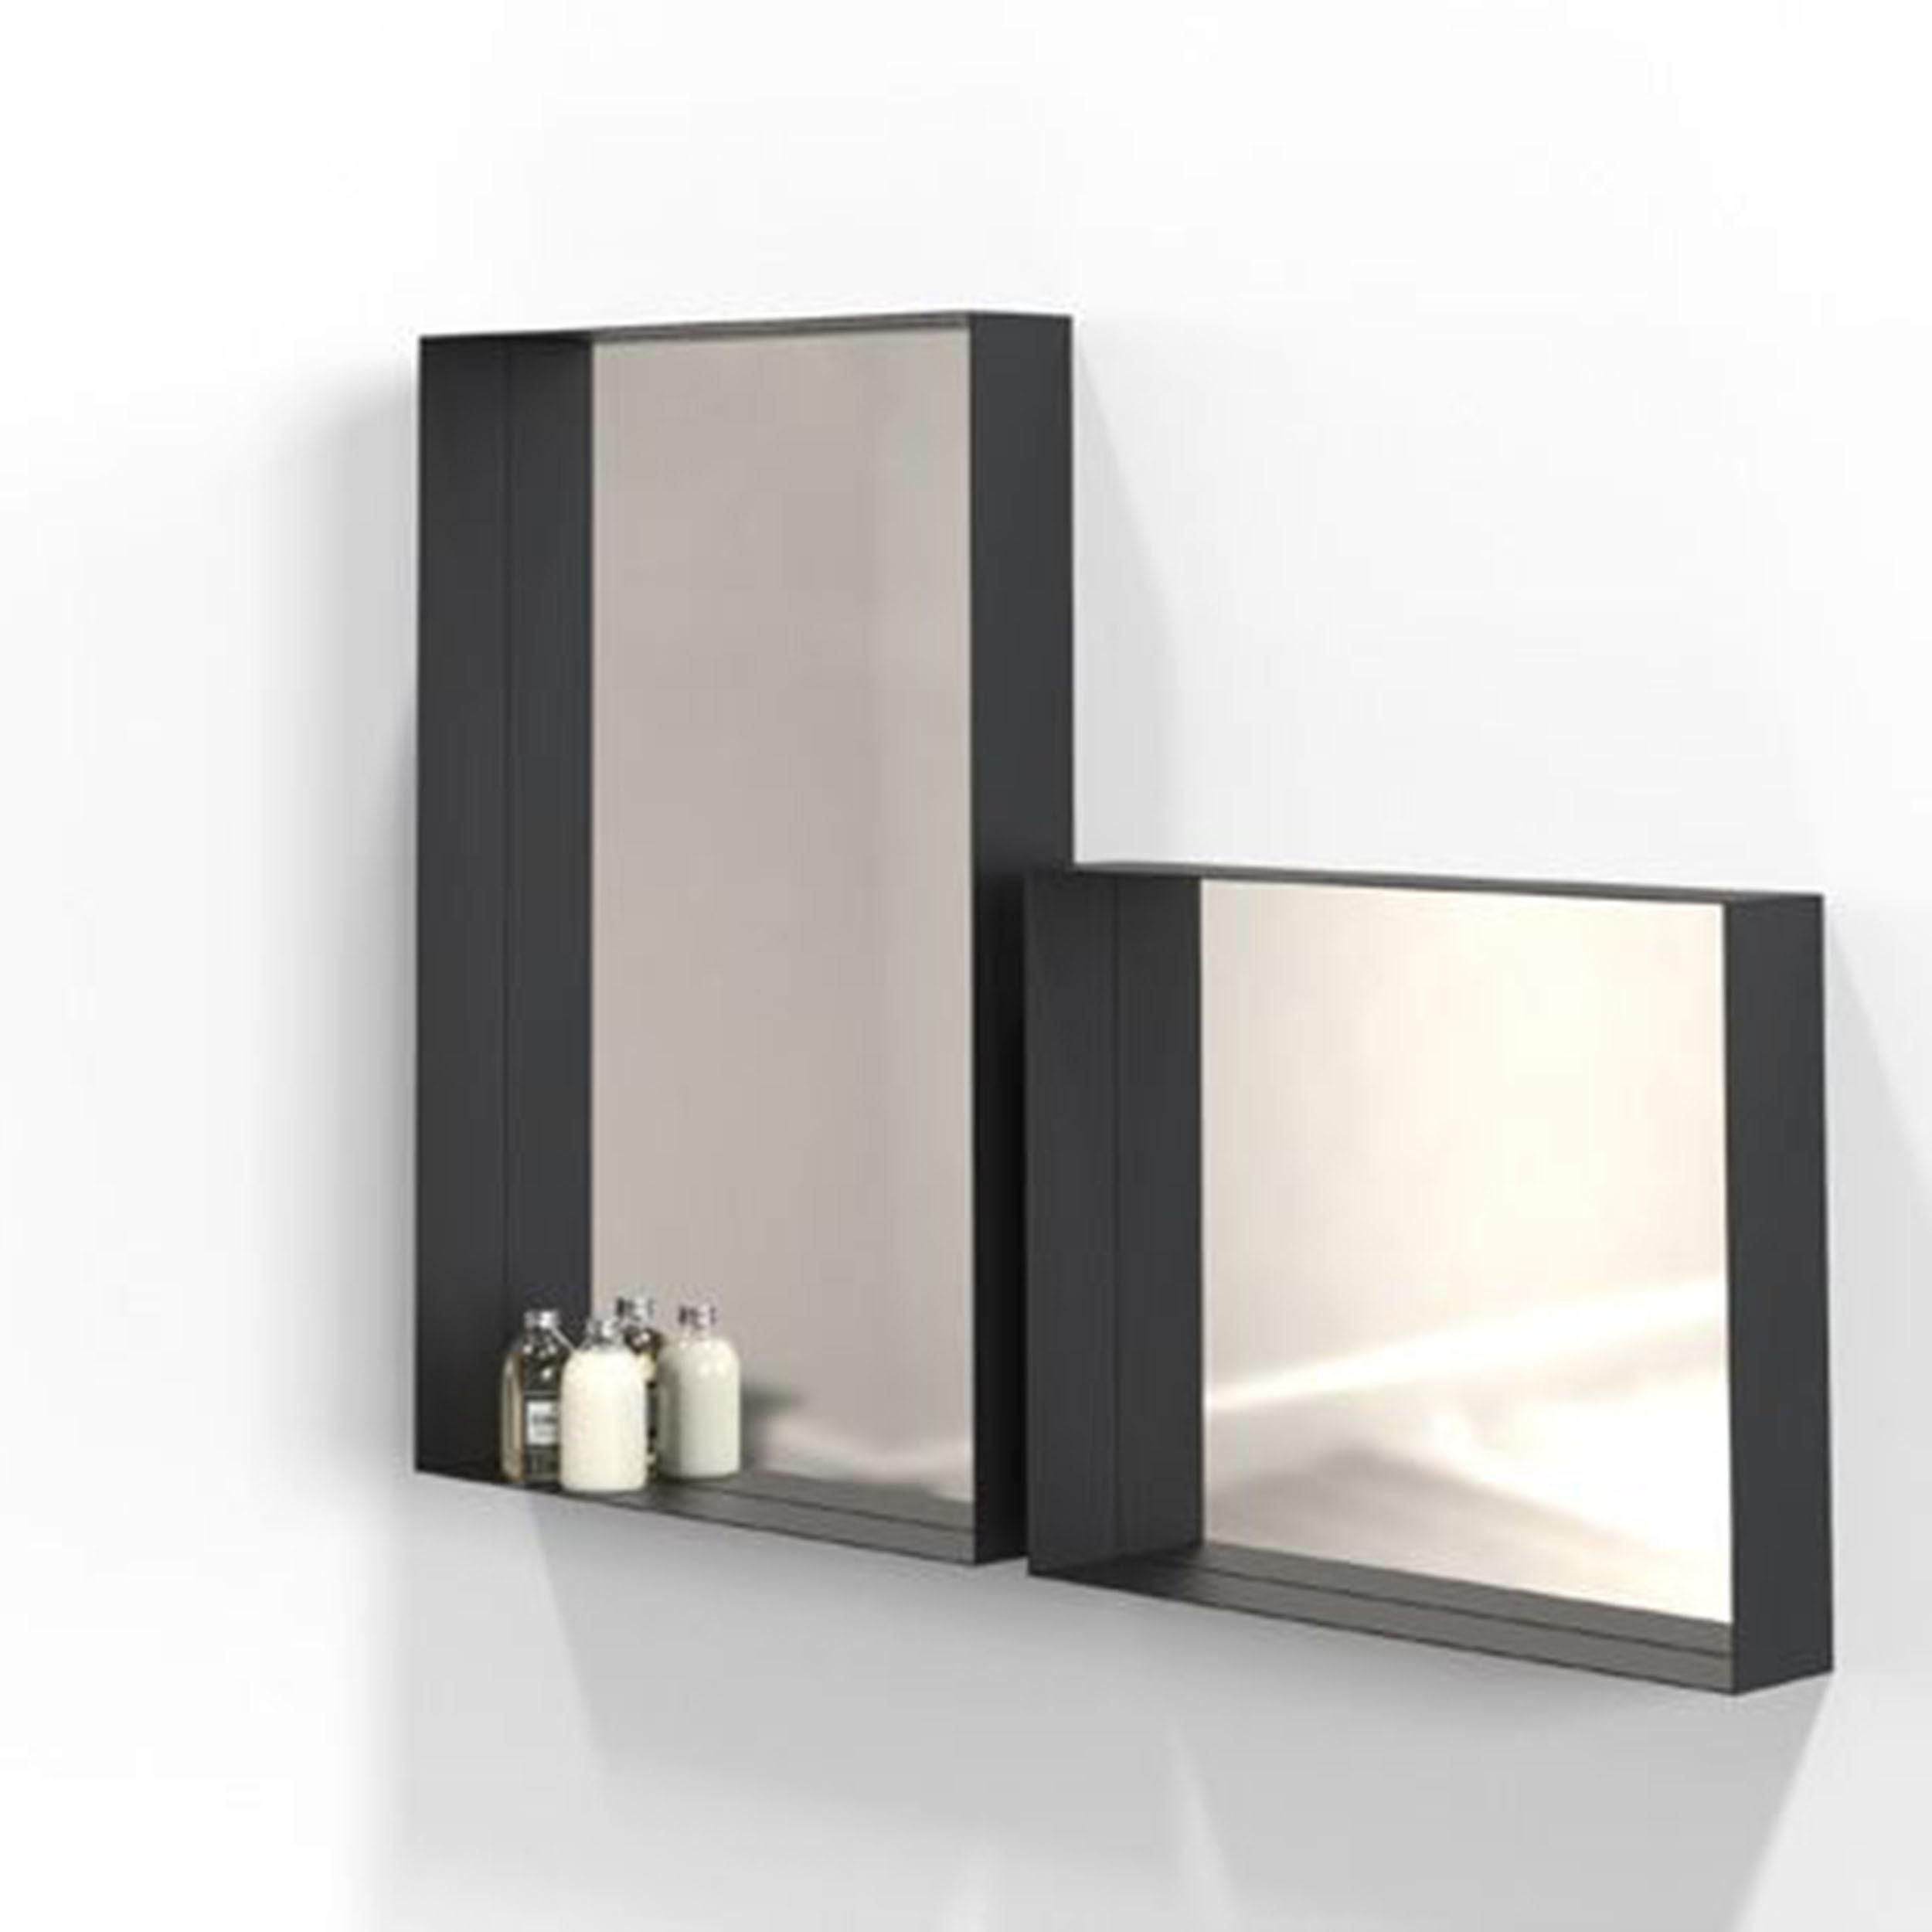 unu spiegel mit rahmen 90 weiss online kaufen bei woonio. Black Bedroom Furniture Sets. Home Design Ideas